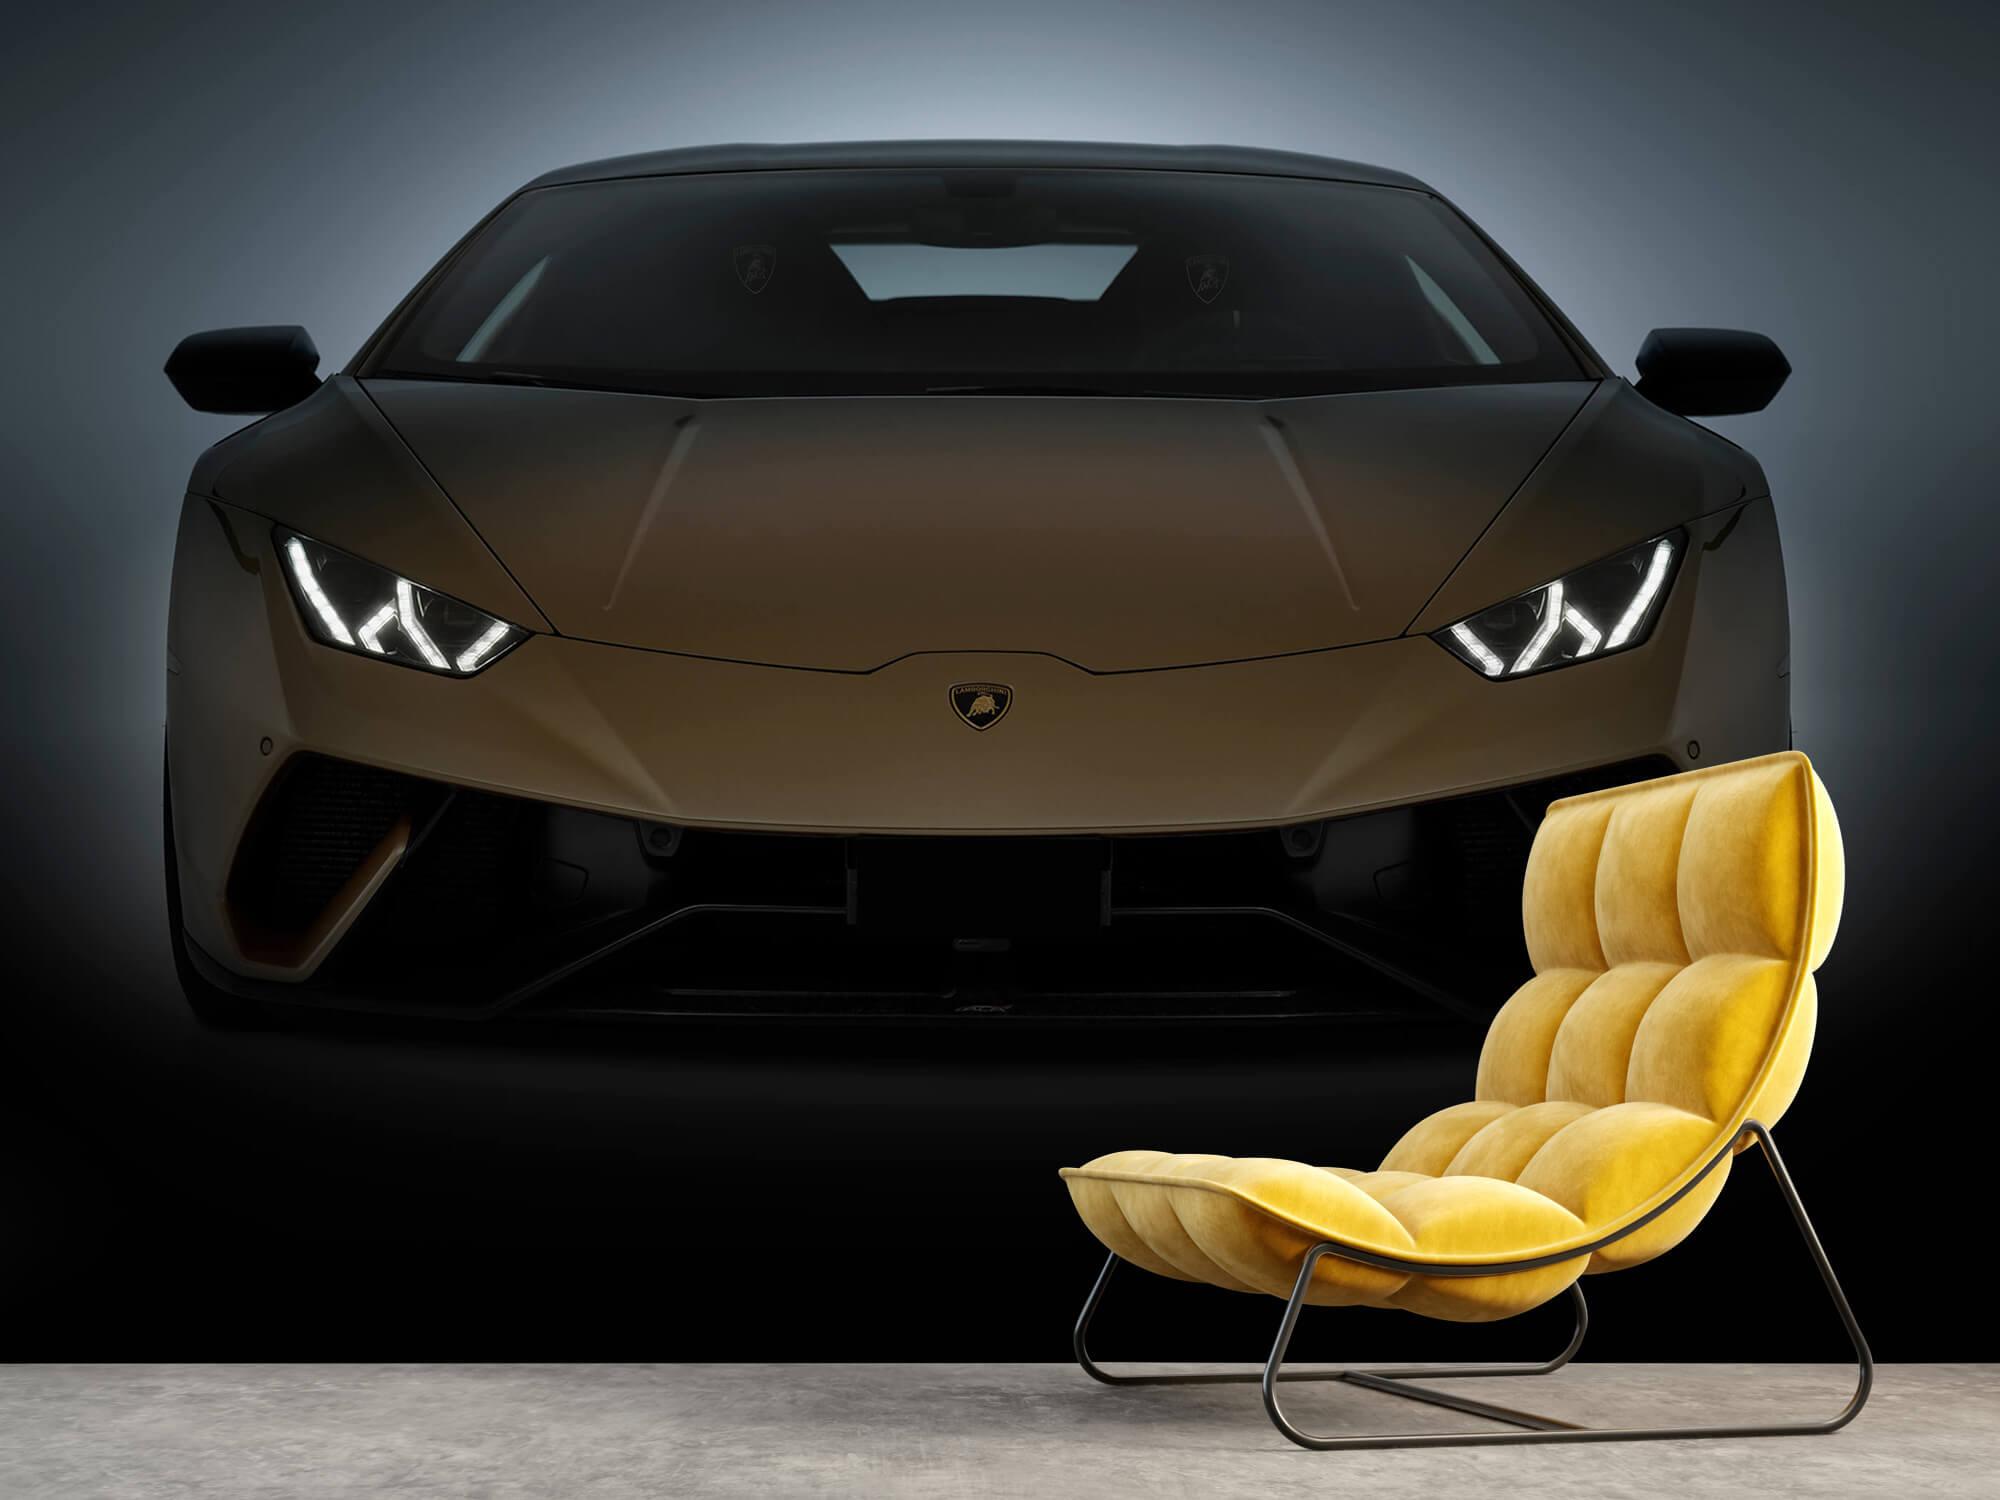 Wallpaper Lamborghini Huracán - Face avant 6